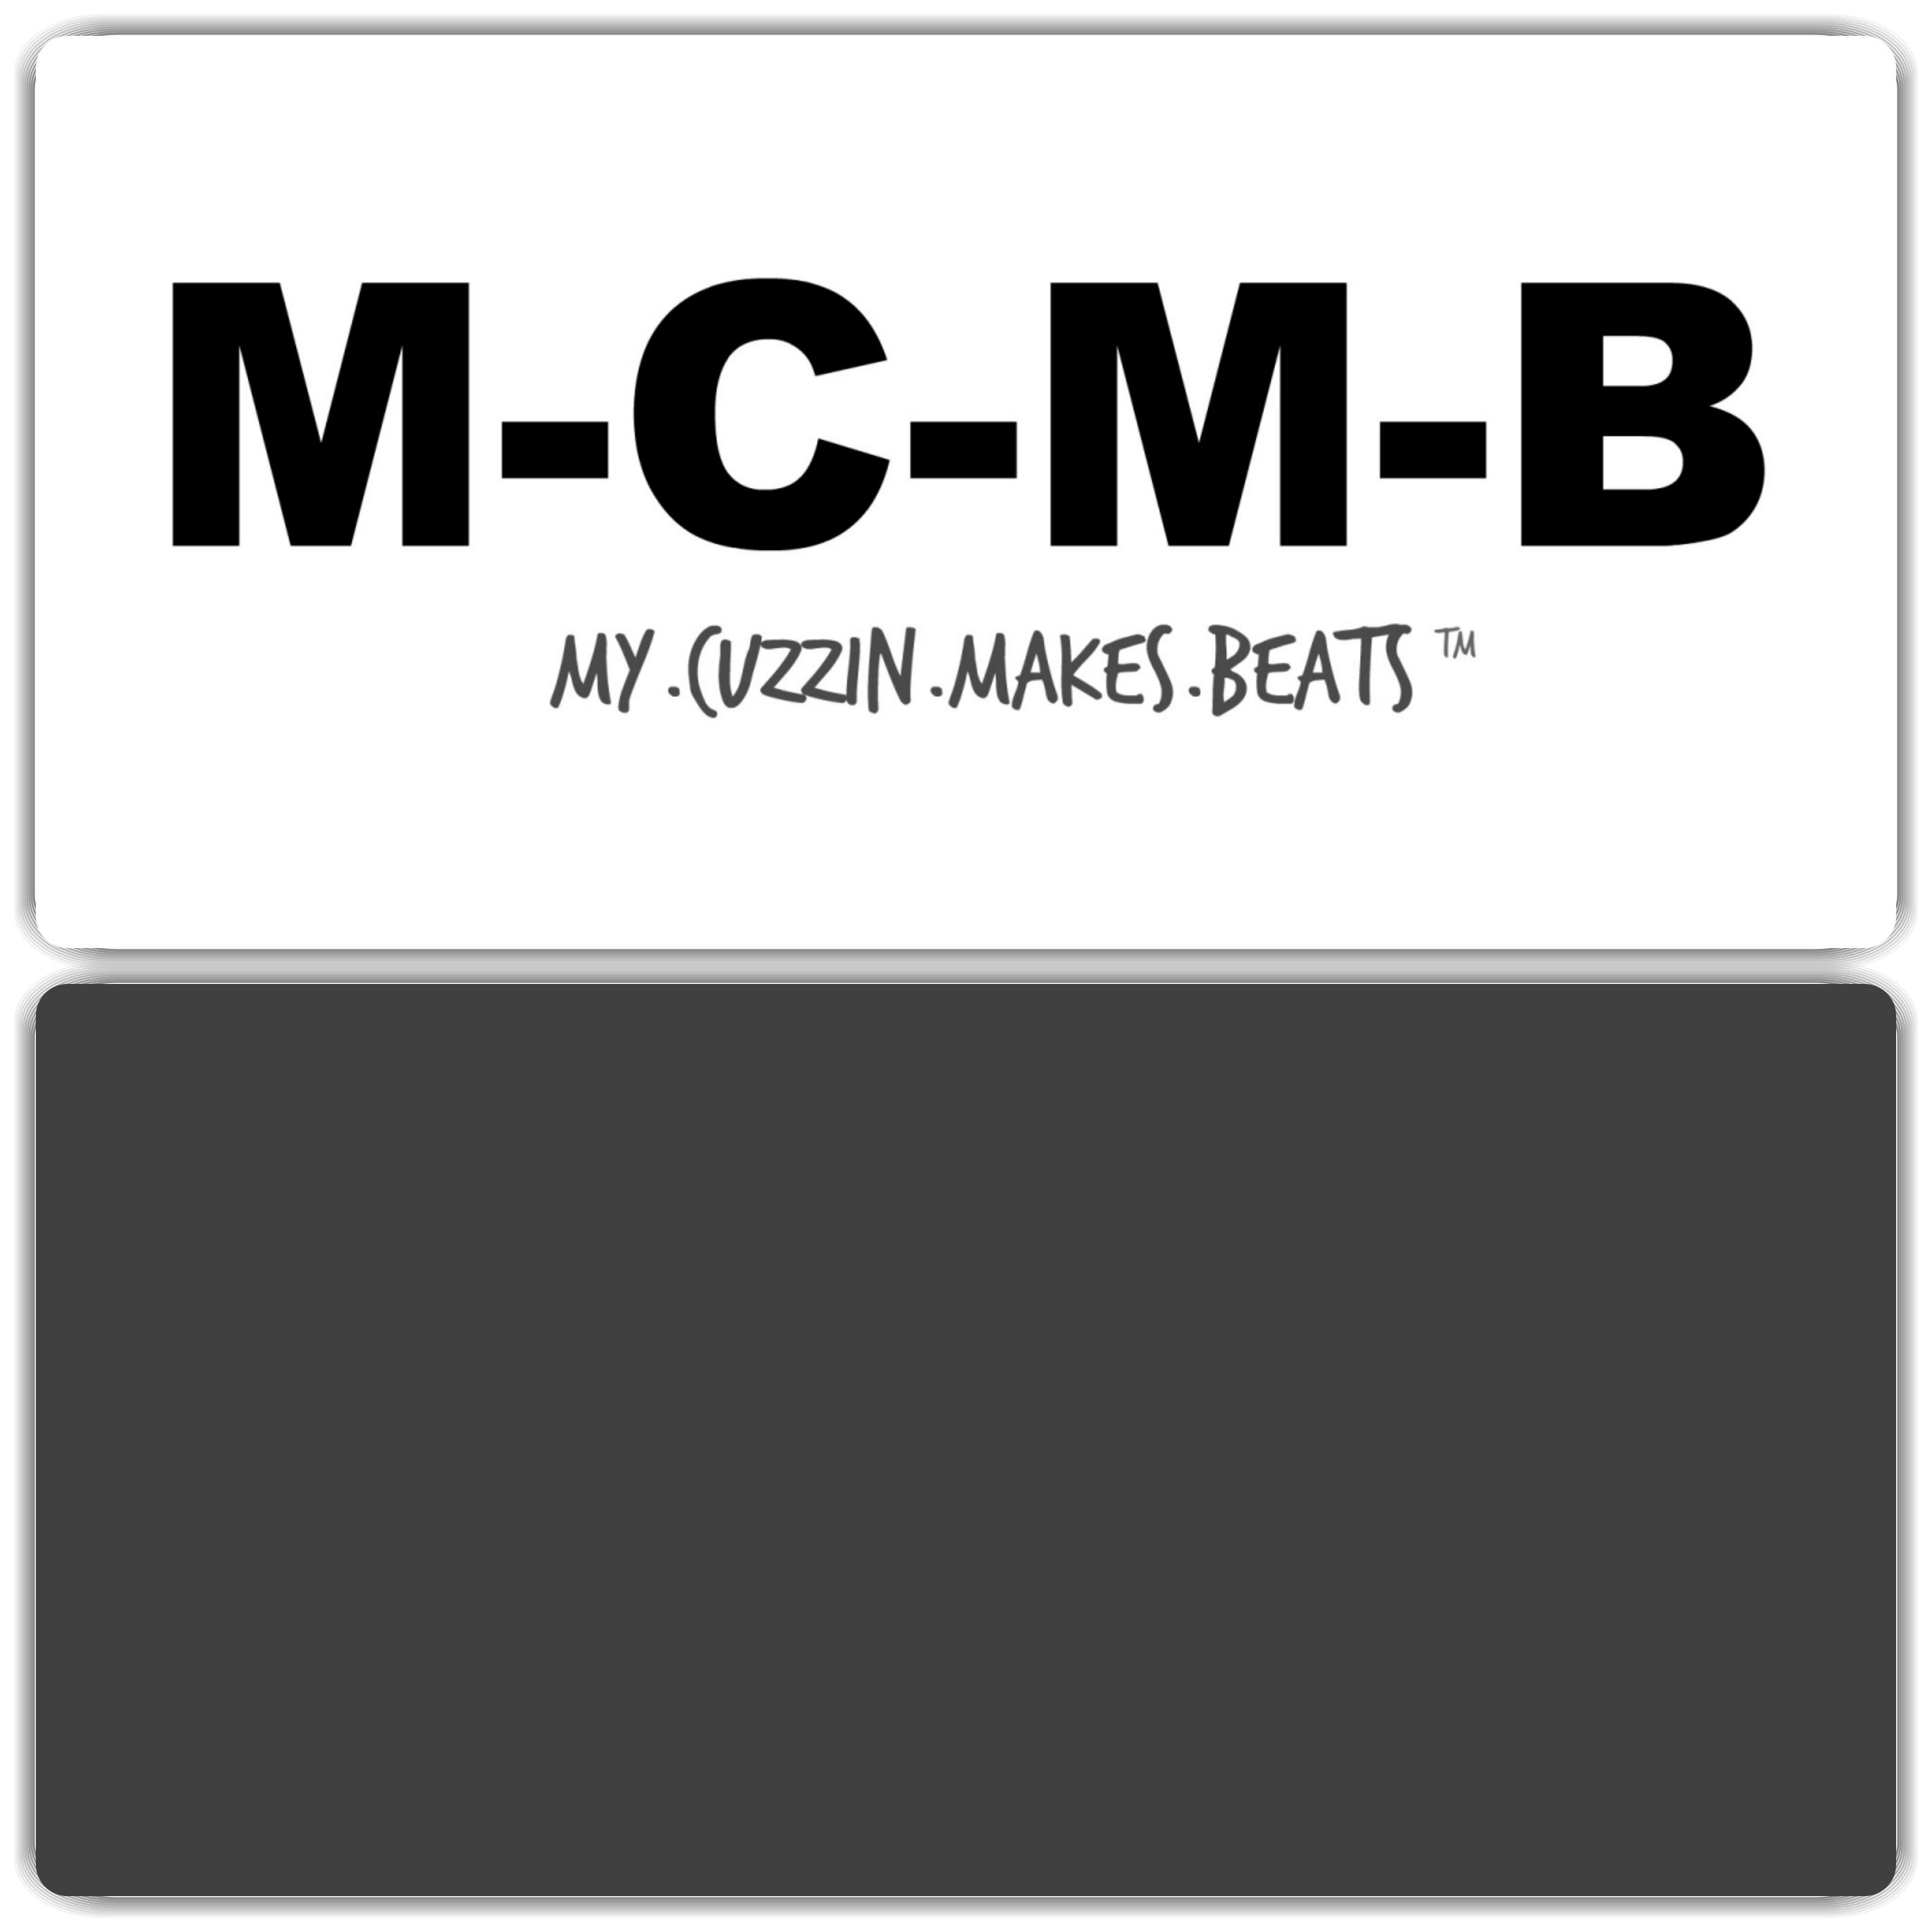 mycuzzinmakesbeats